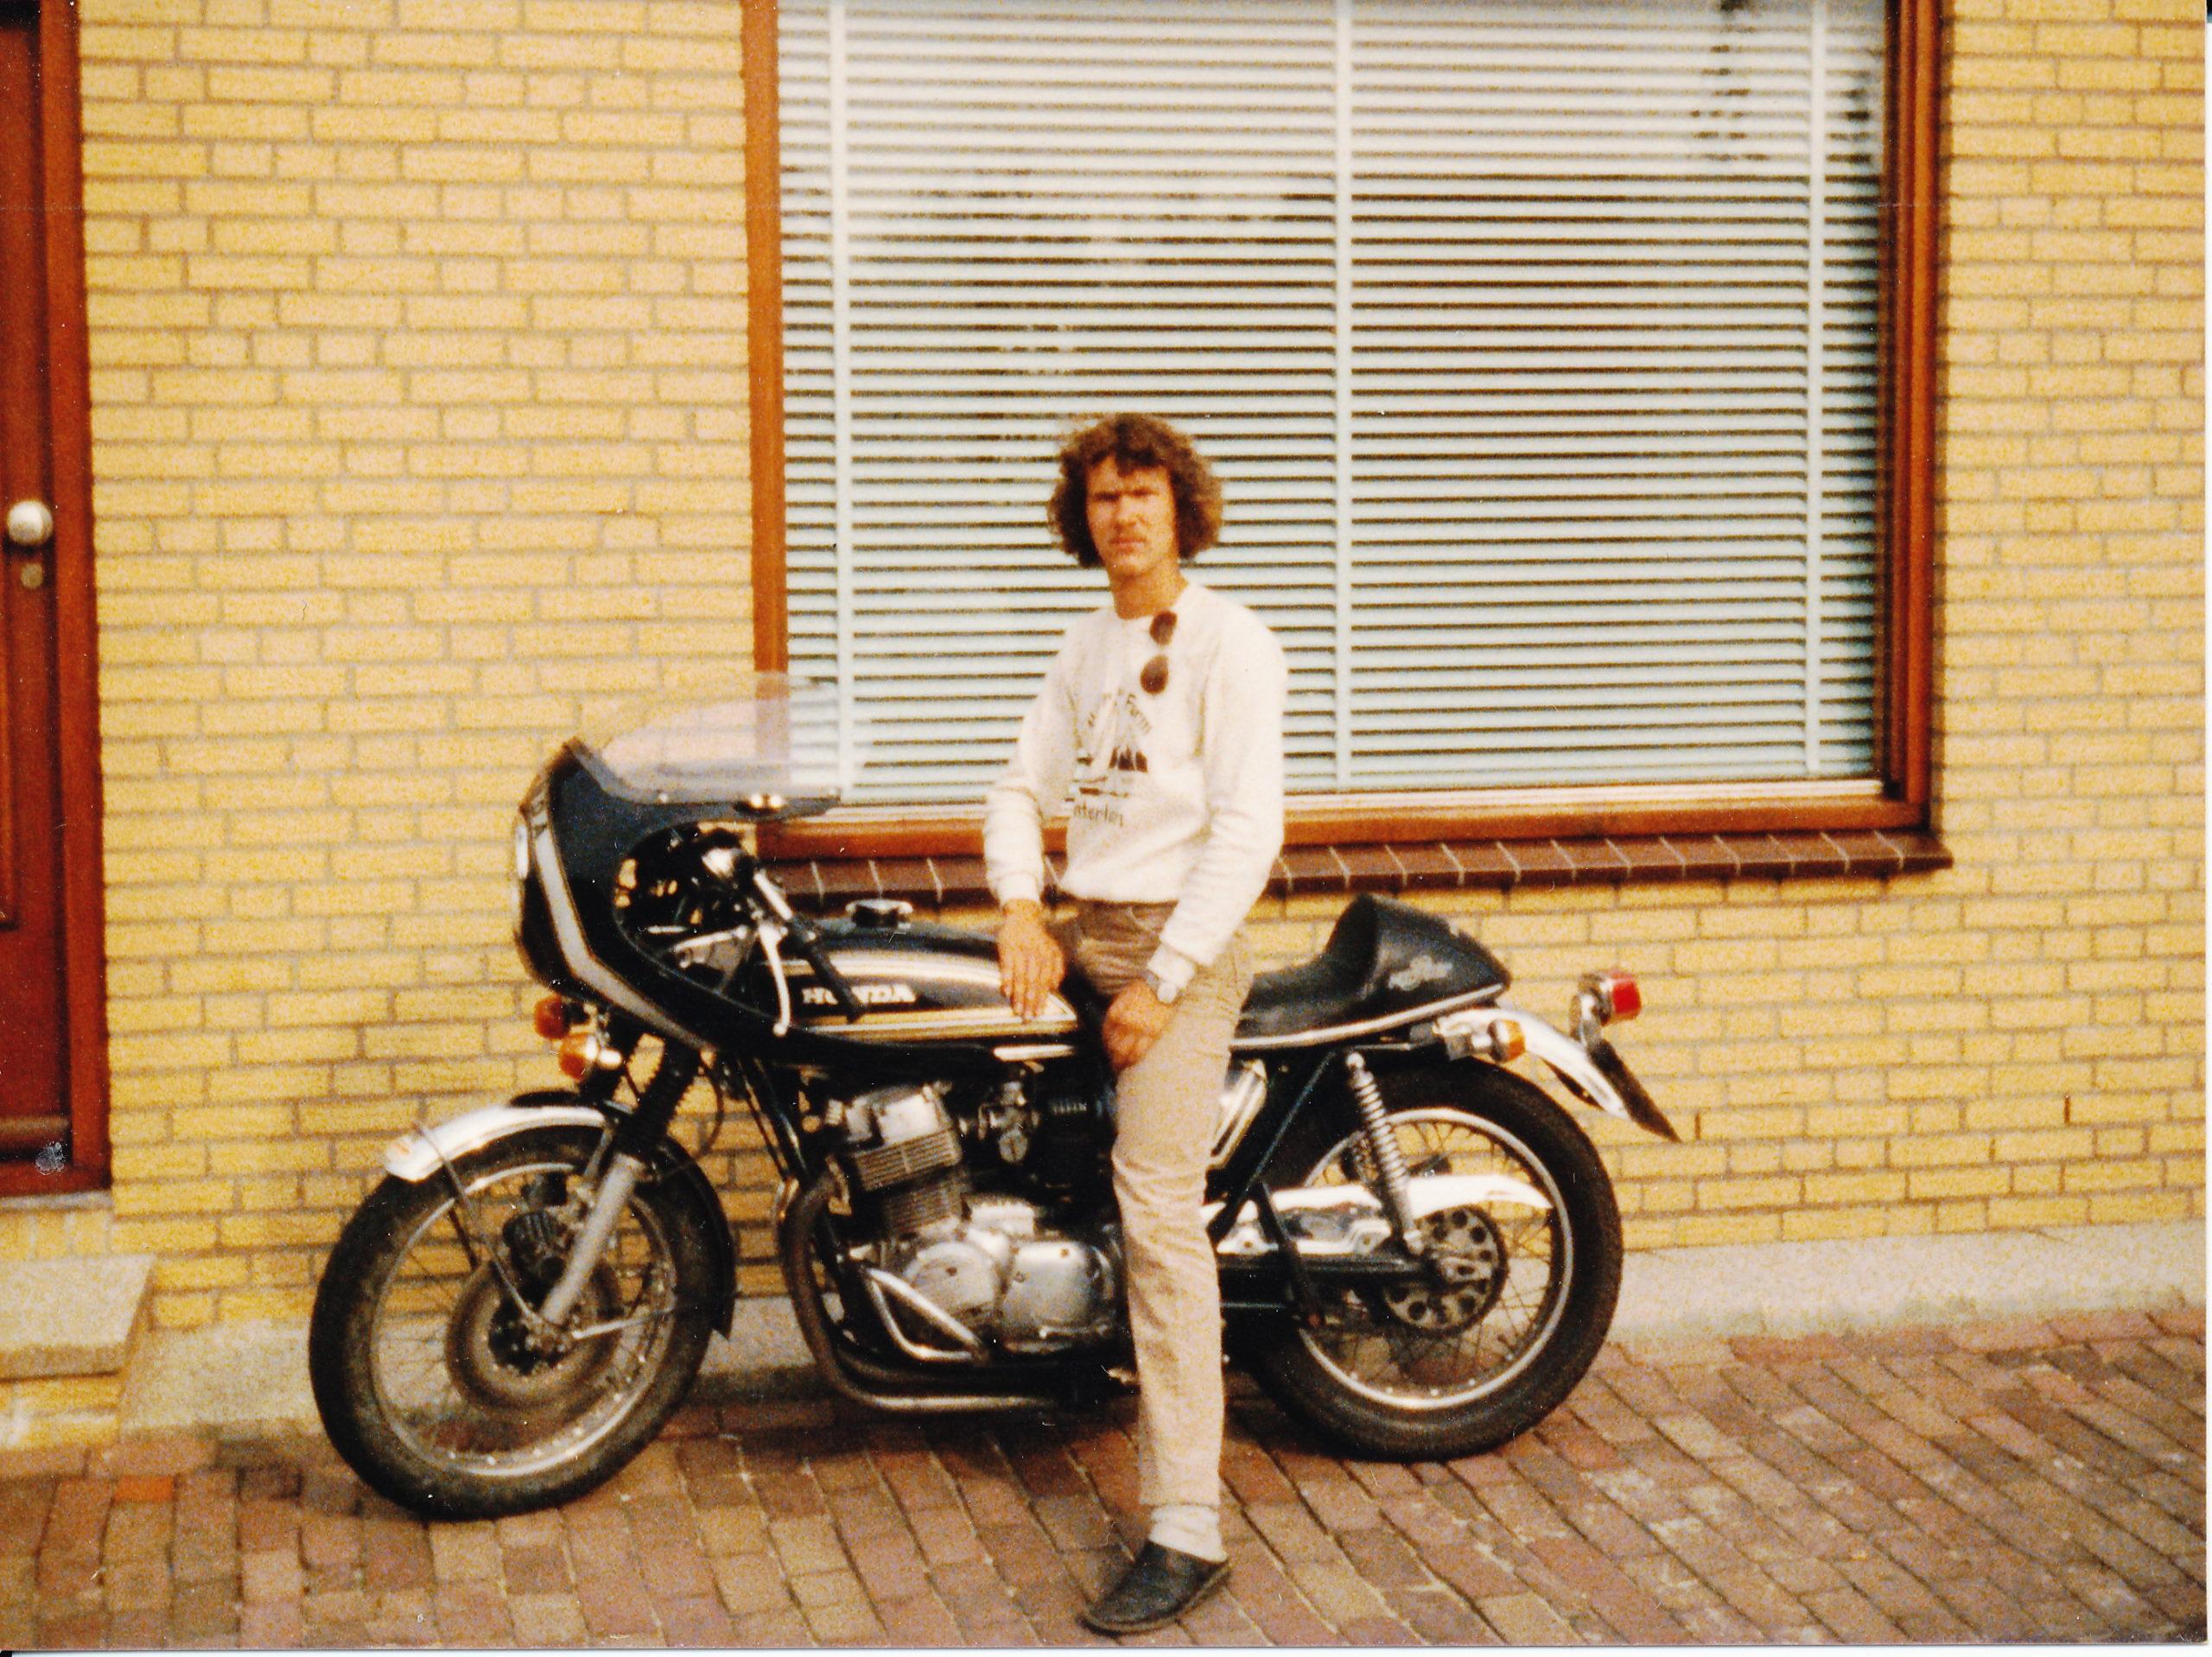 CB 750 1975 De eerste.